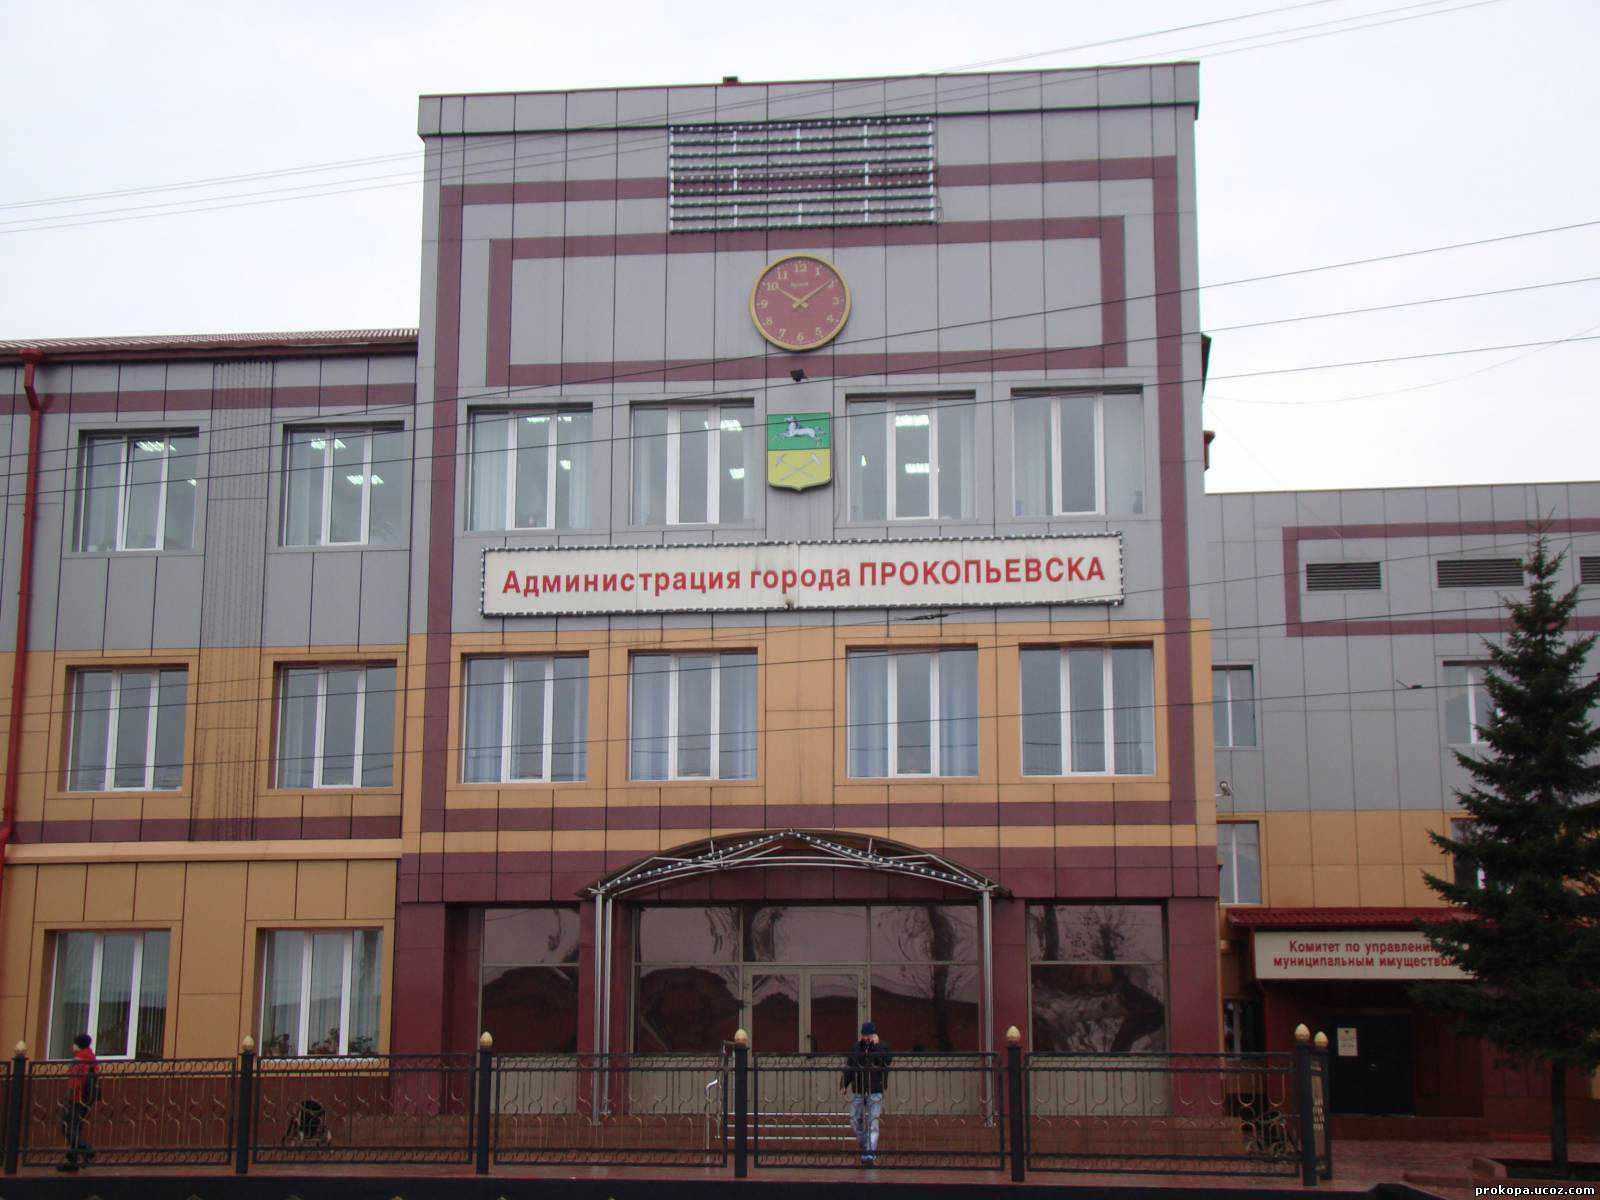 C:\Users\eMachines\Desktop\почта ТИК\города прокопьевск, администрация города 313319824.jpg